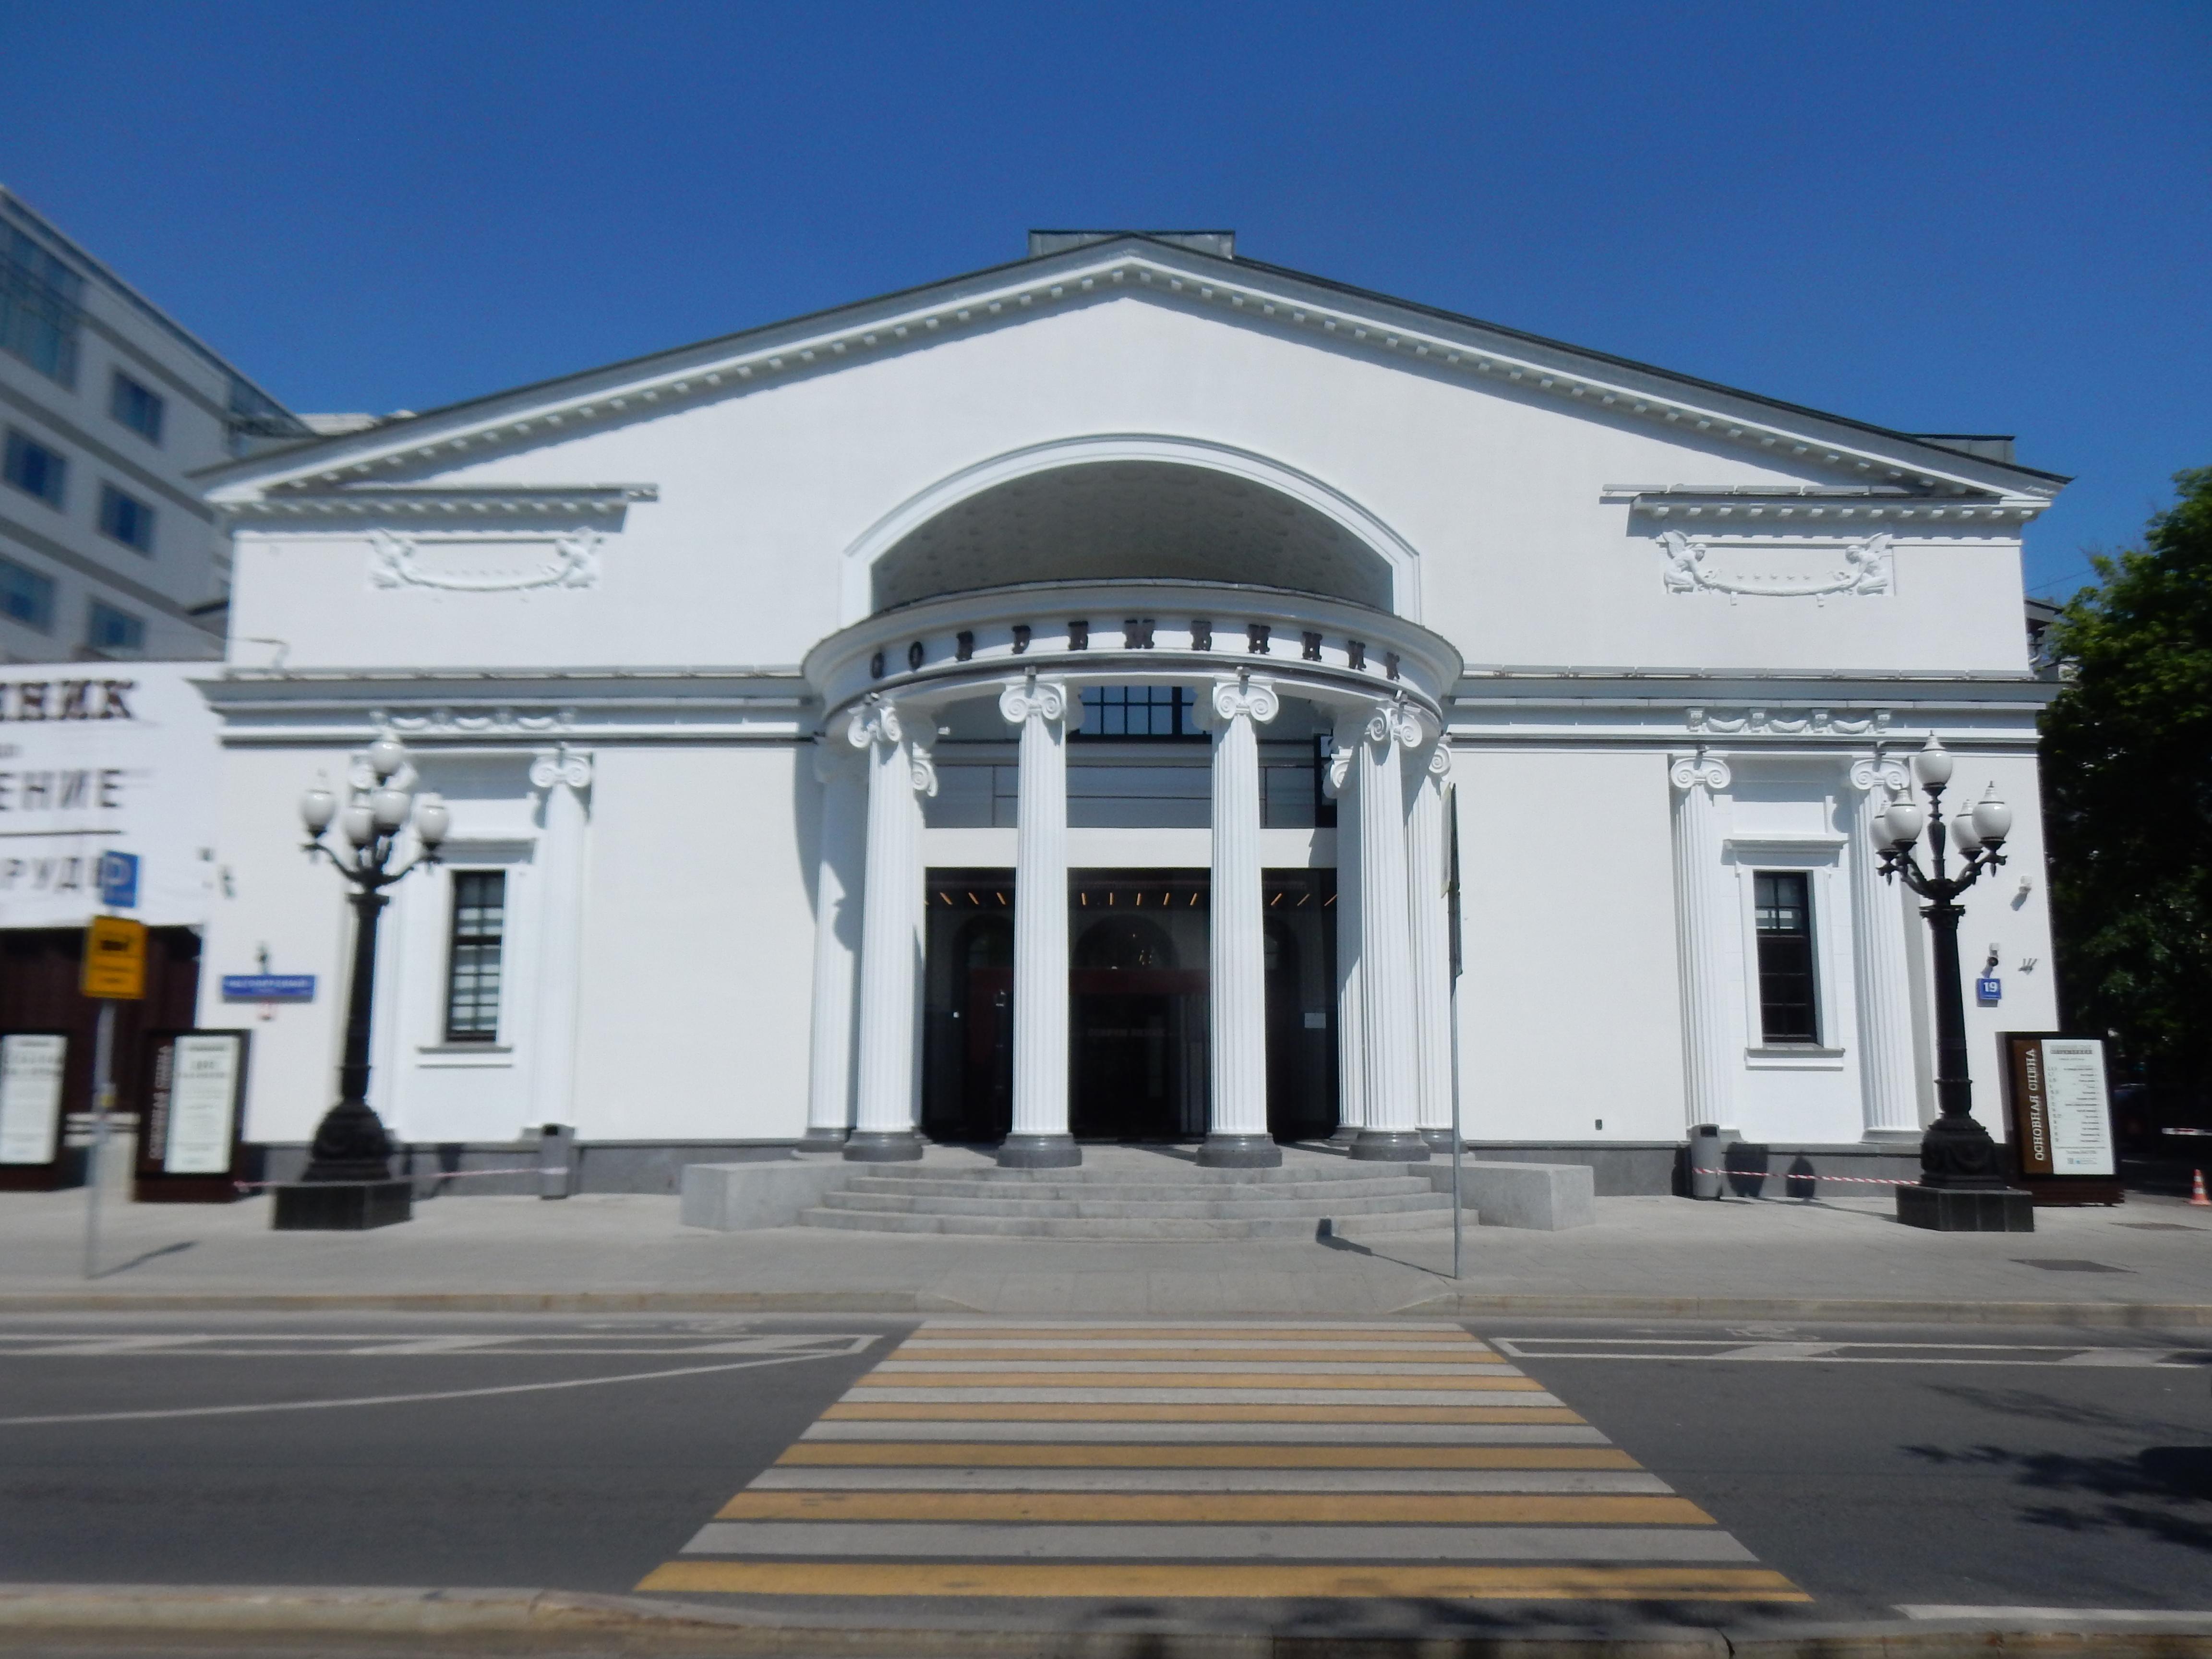 Адрес: 357850 Ставропольский край, Курский район, станица Курская, переулок Школьный, 14.